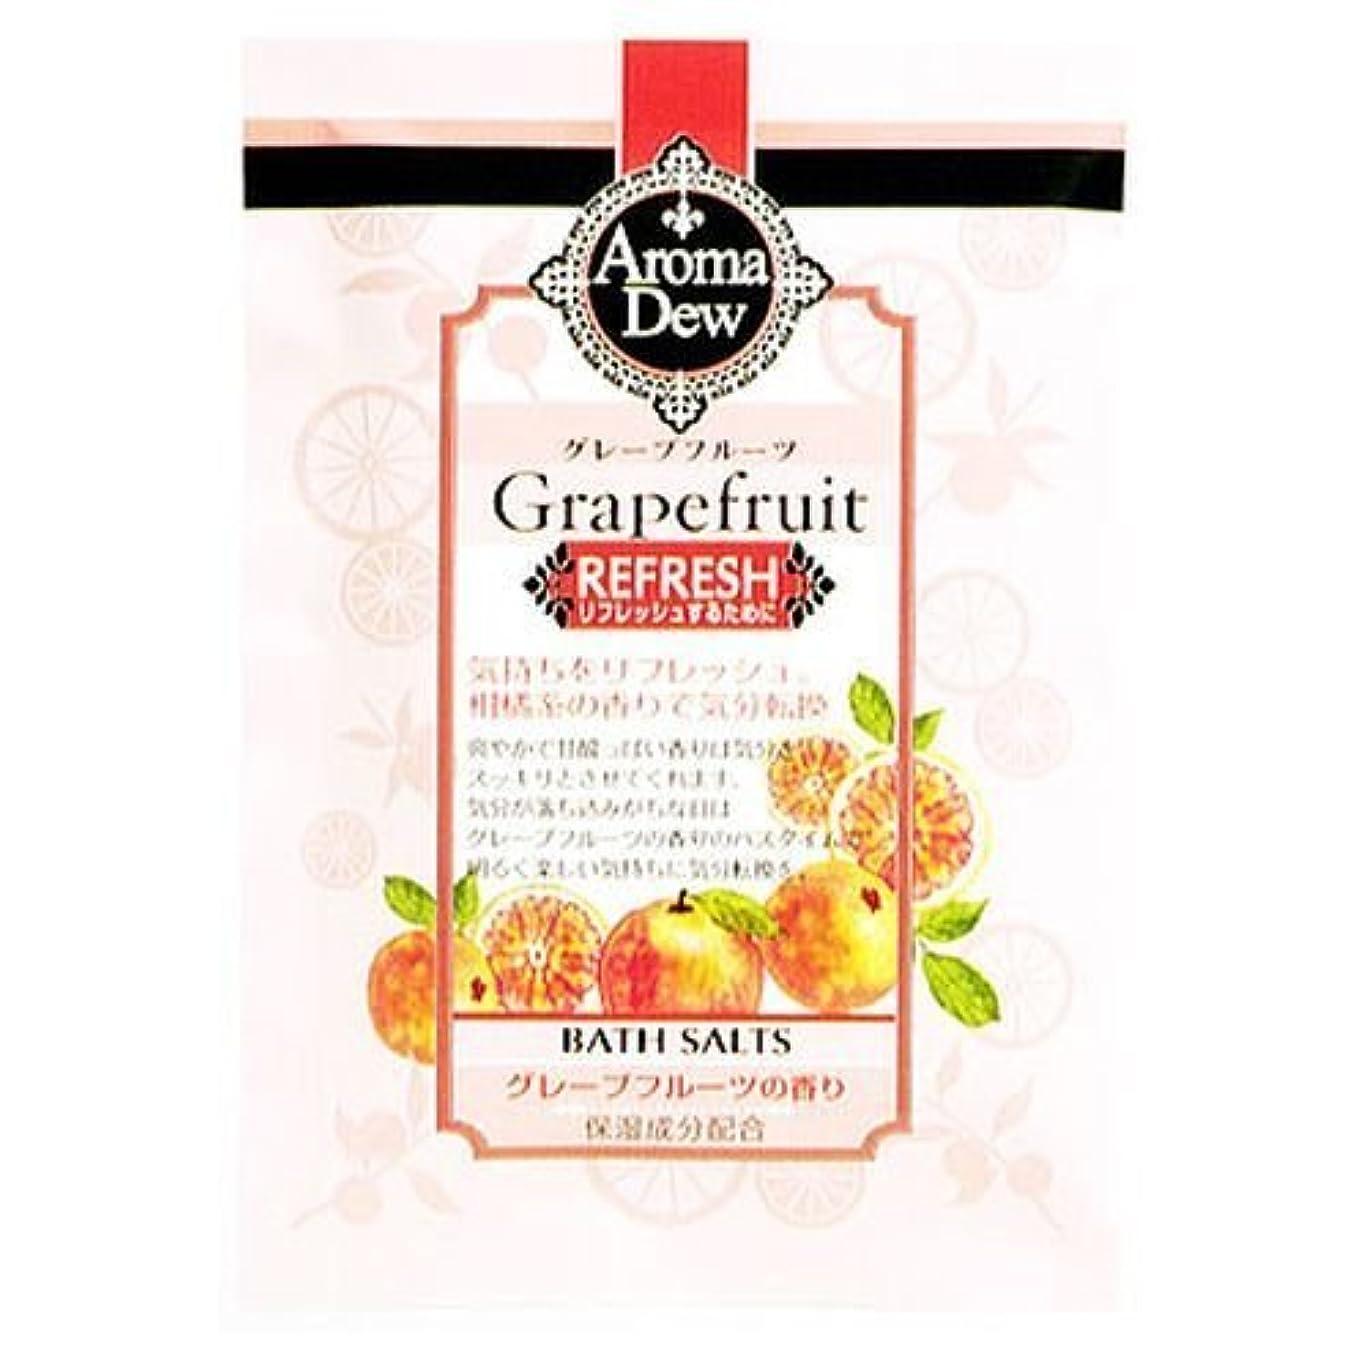 勧告自動的に憲法クロバーコーポレーション アロマデュウ バスソルト グレープフルーツの香り グレープフルーツ